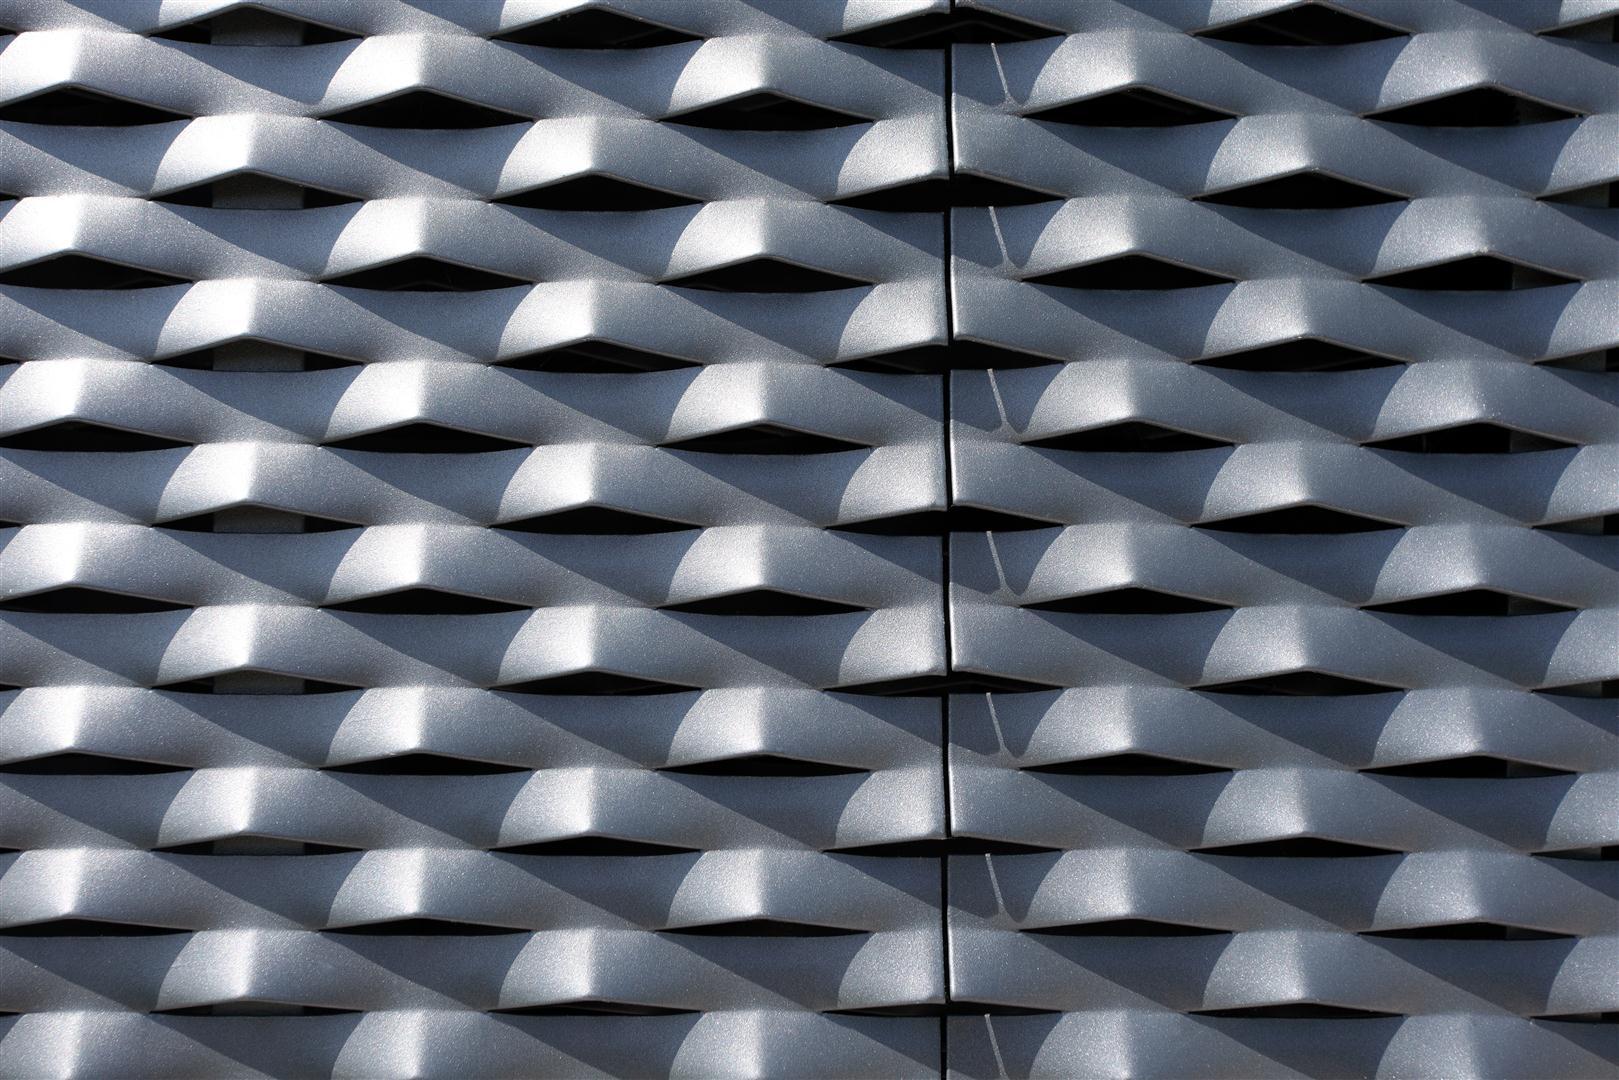 Voorbeeld MD Strekmetaal van aluminium als gevelbekleding en met een poedercoating als oppervlakte behandeling